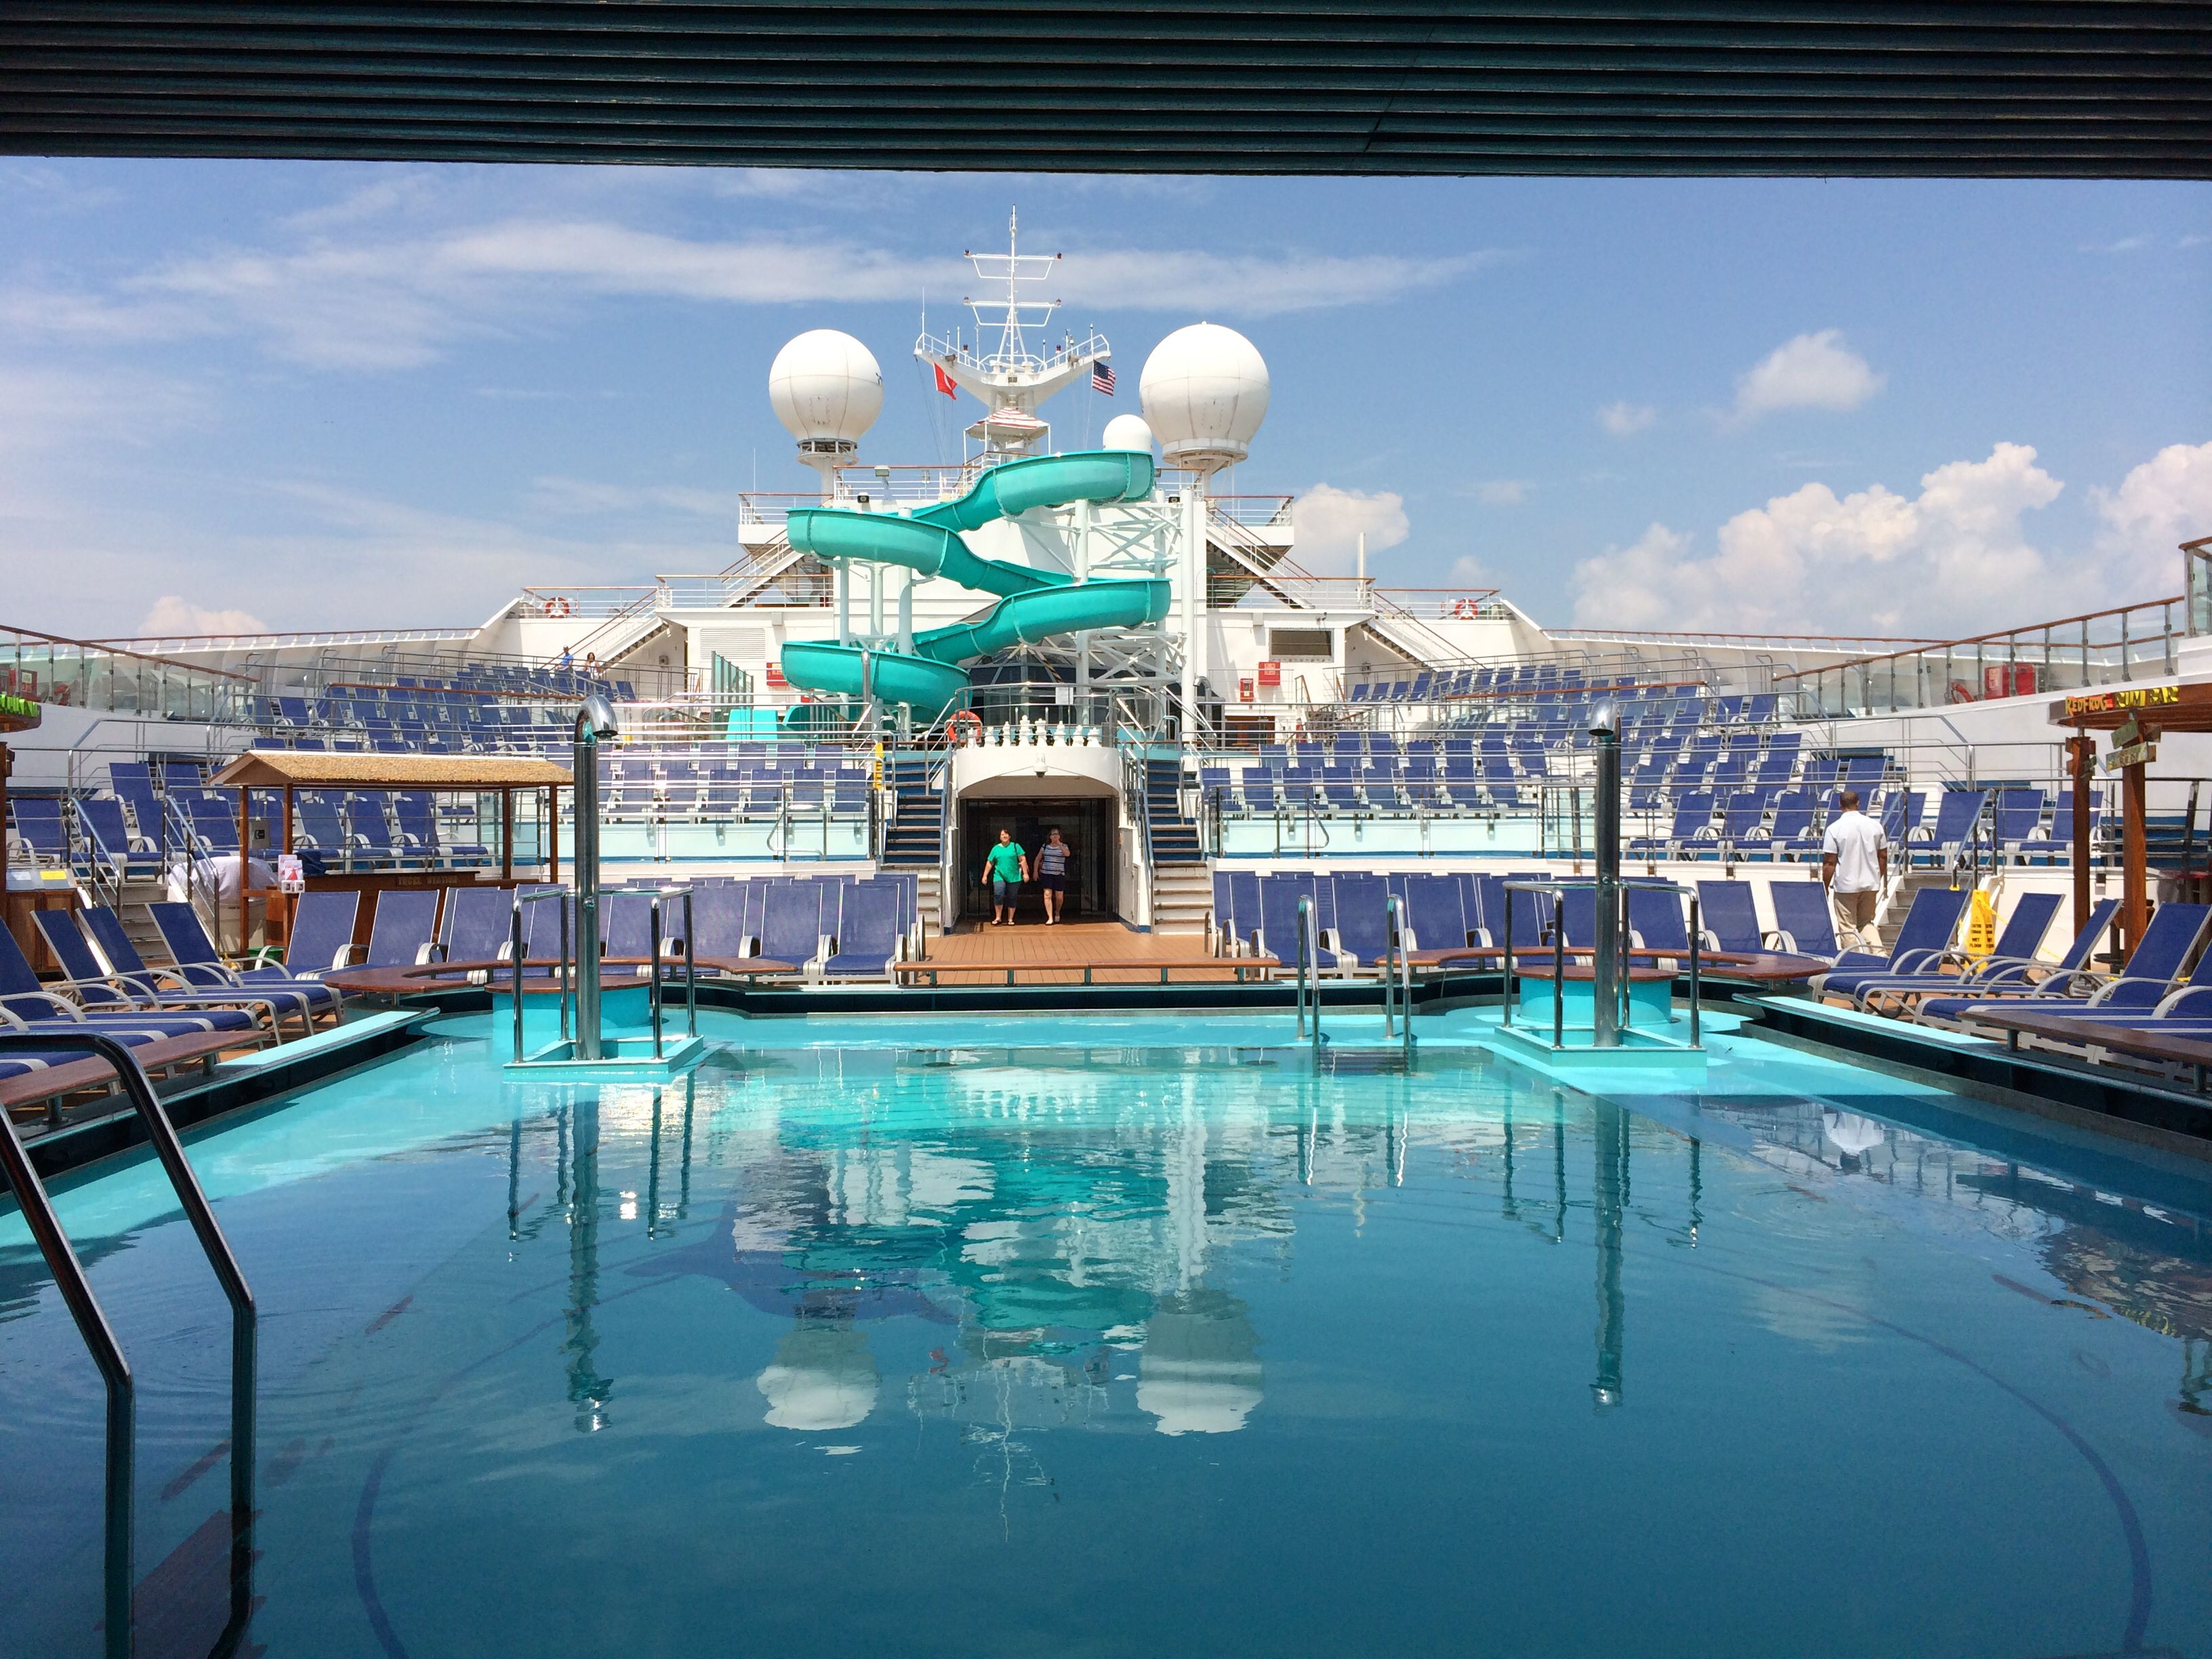 Carnival Triumph 5 Day Cruise To Progreso And Cozumel